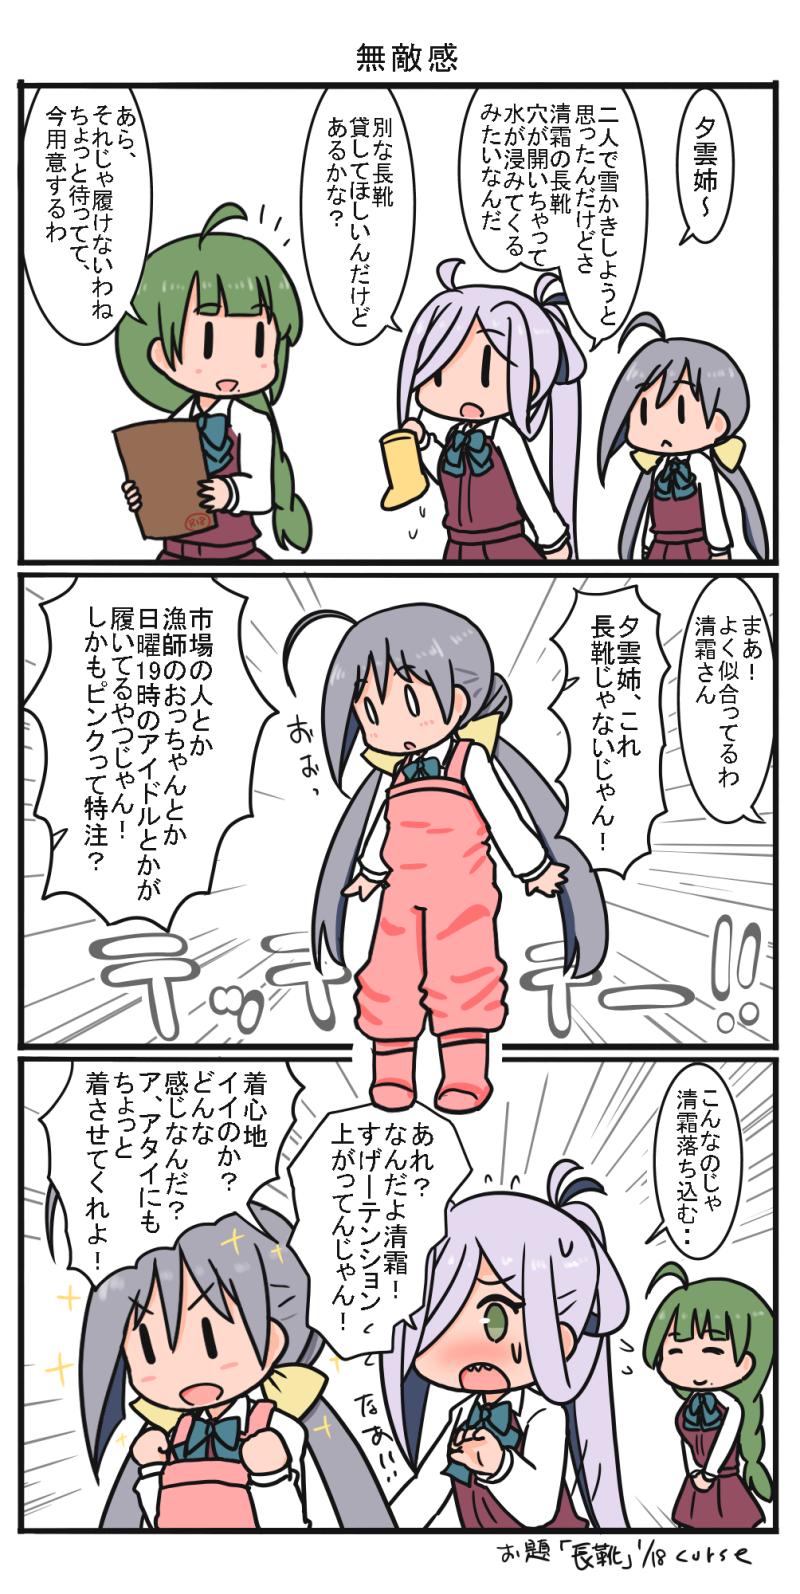 asashimo, kiyoshimo, and yuugumo (kantai collection) drawn by curse (023)